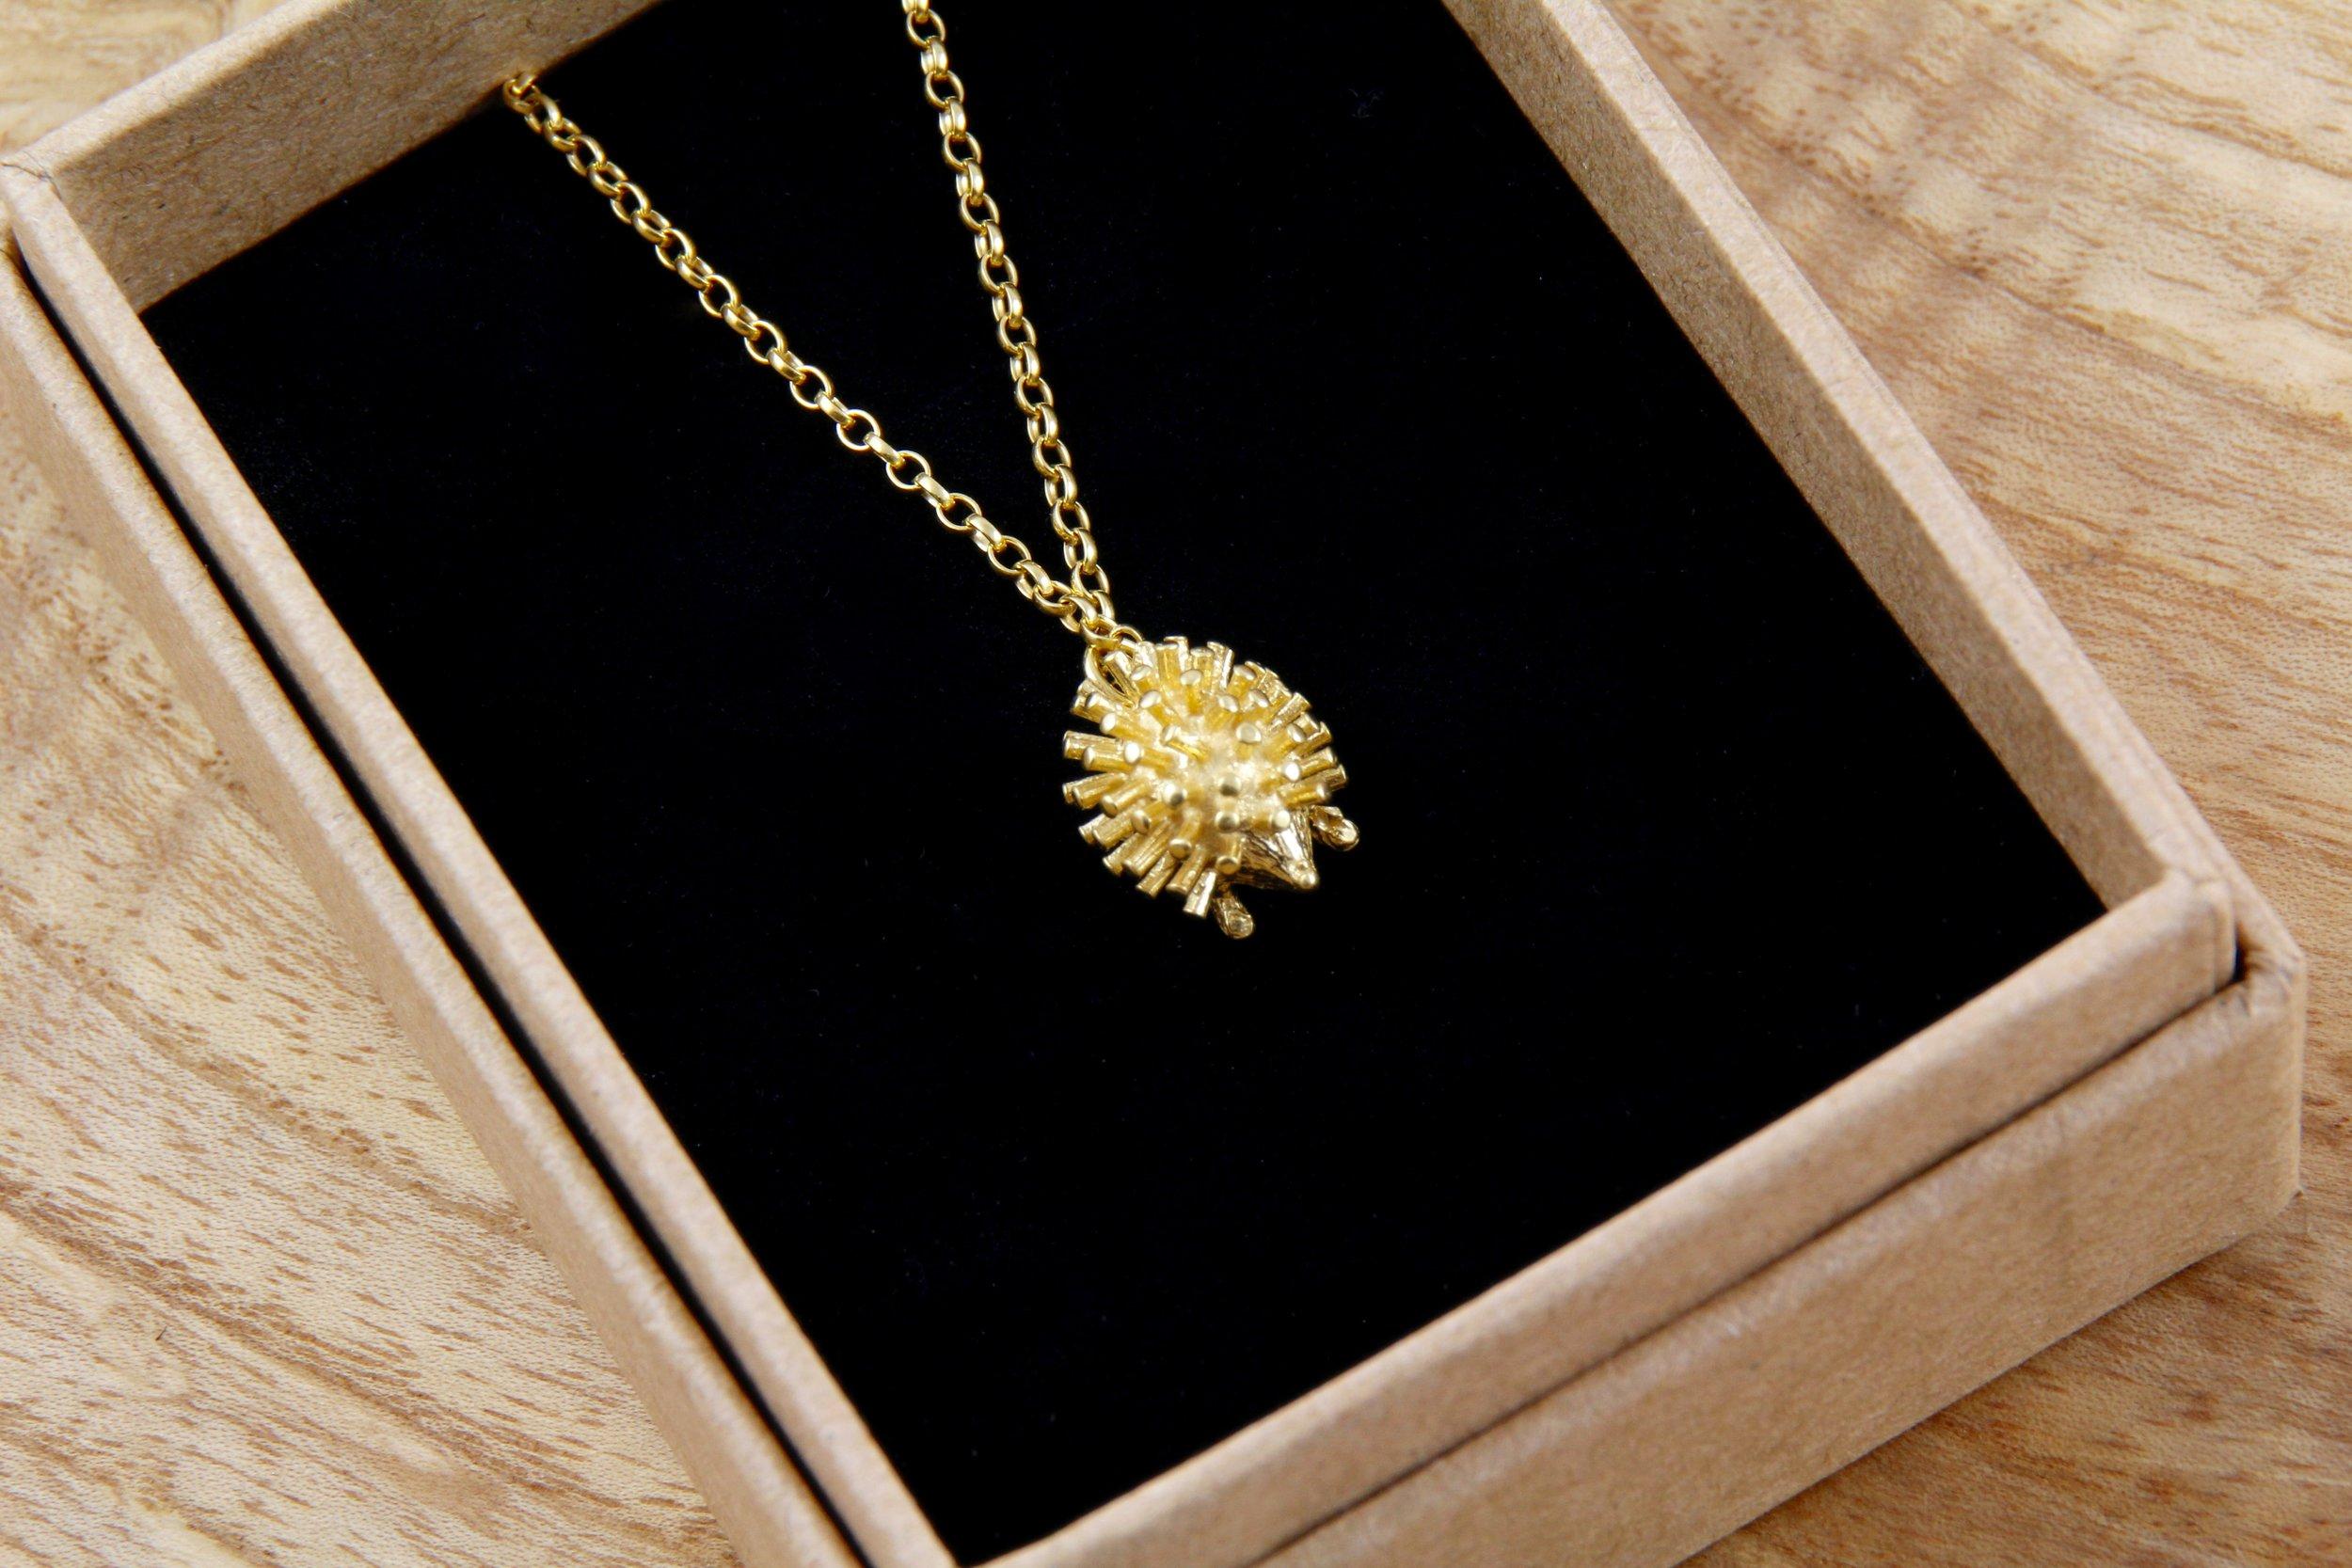 Hedgehog necklace in gold.jpg